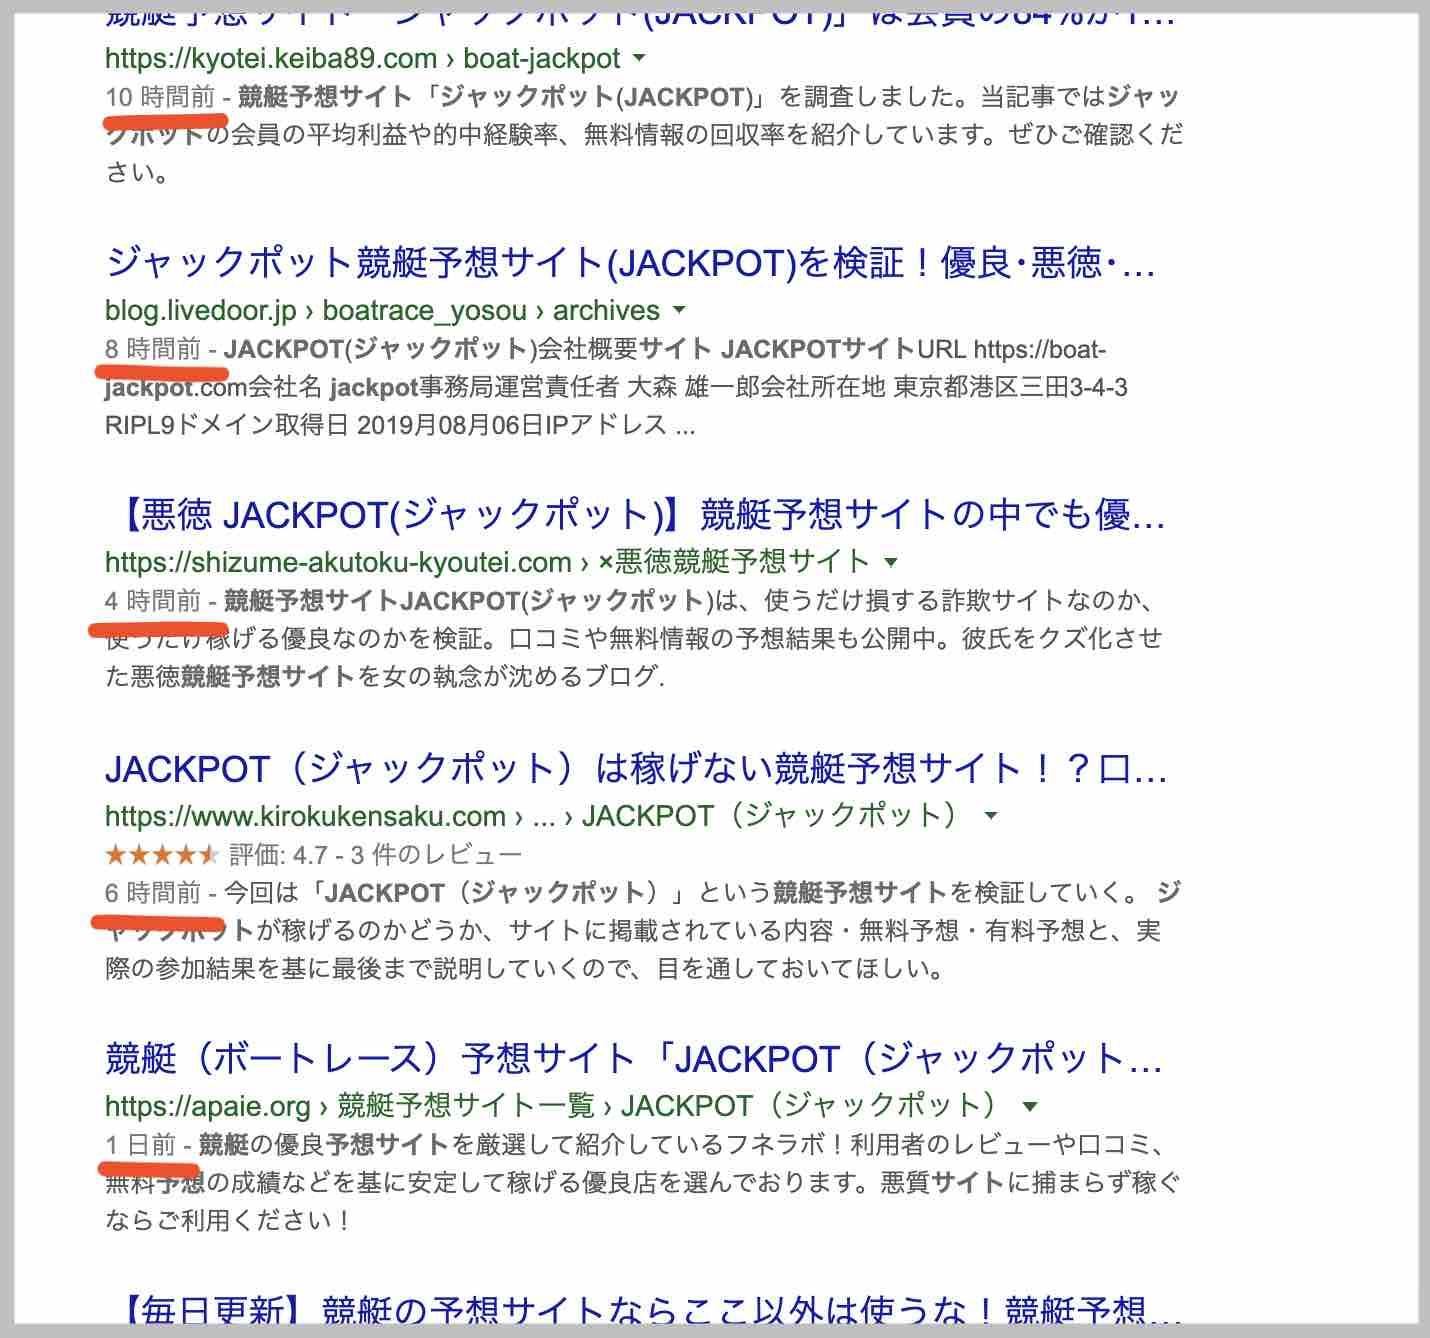 競艇ジャックポット(JACKPOT)という競艇予想サイトは公開されたばかり